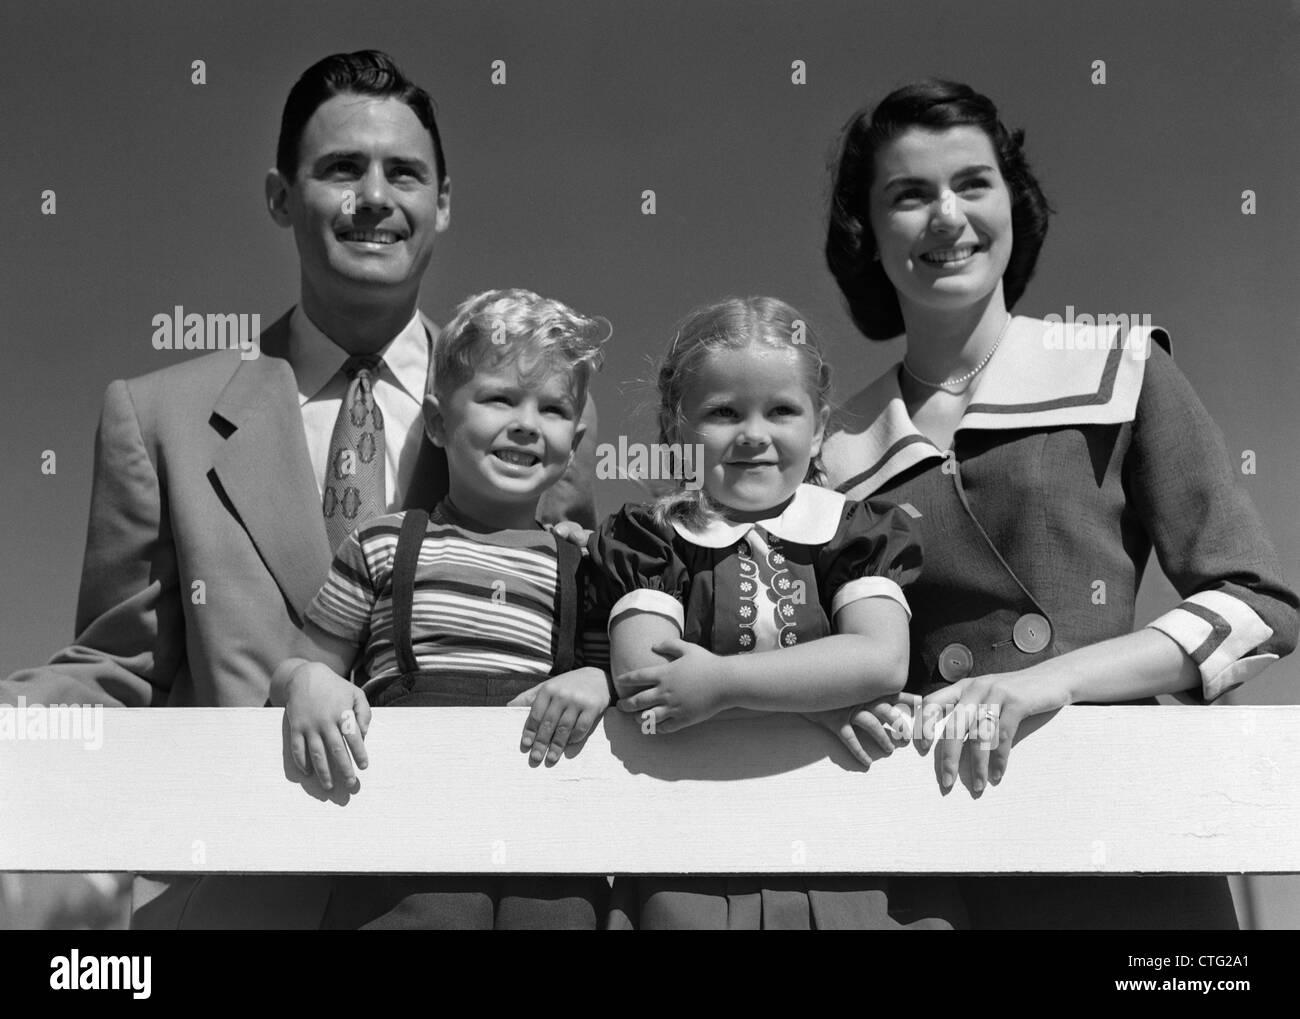 1950 PORTRAIT SMILING FAMILY Père Mère Fils Fille debout derrière une clôture blanche Photo Stock